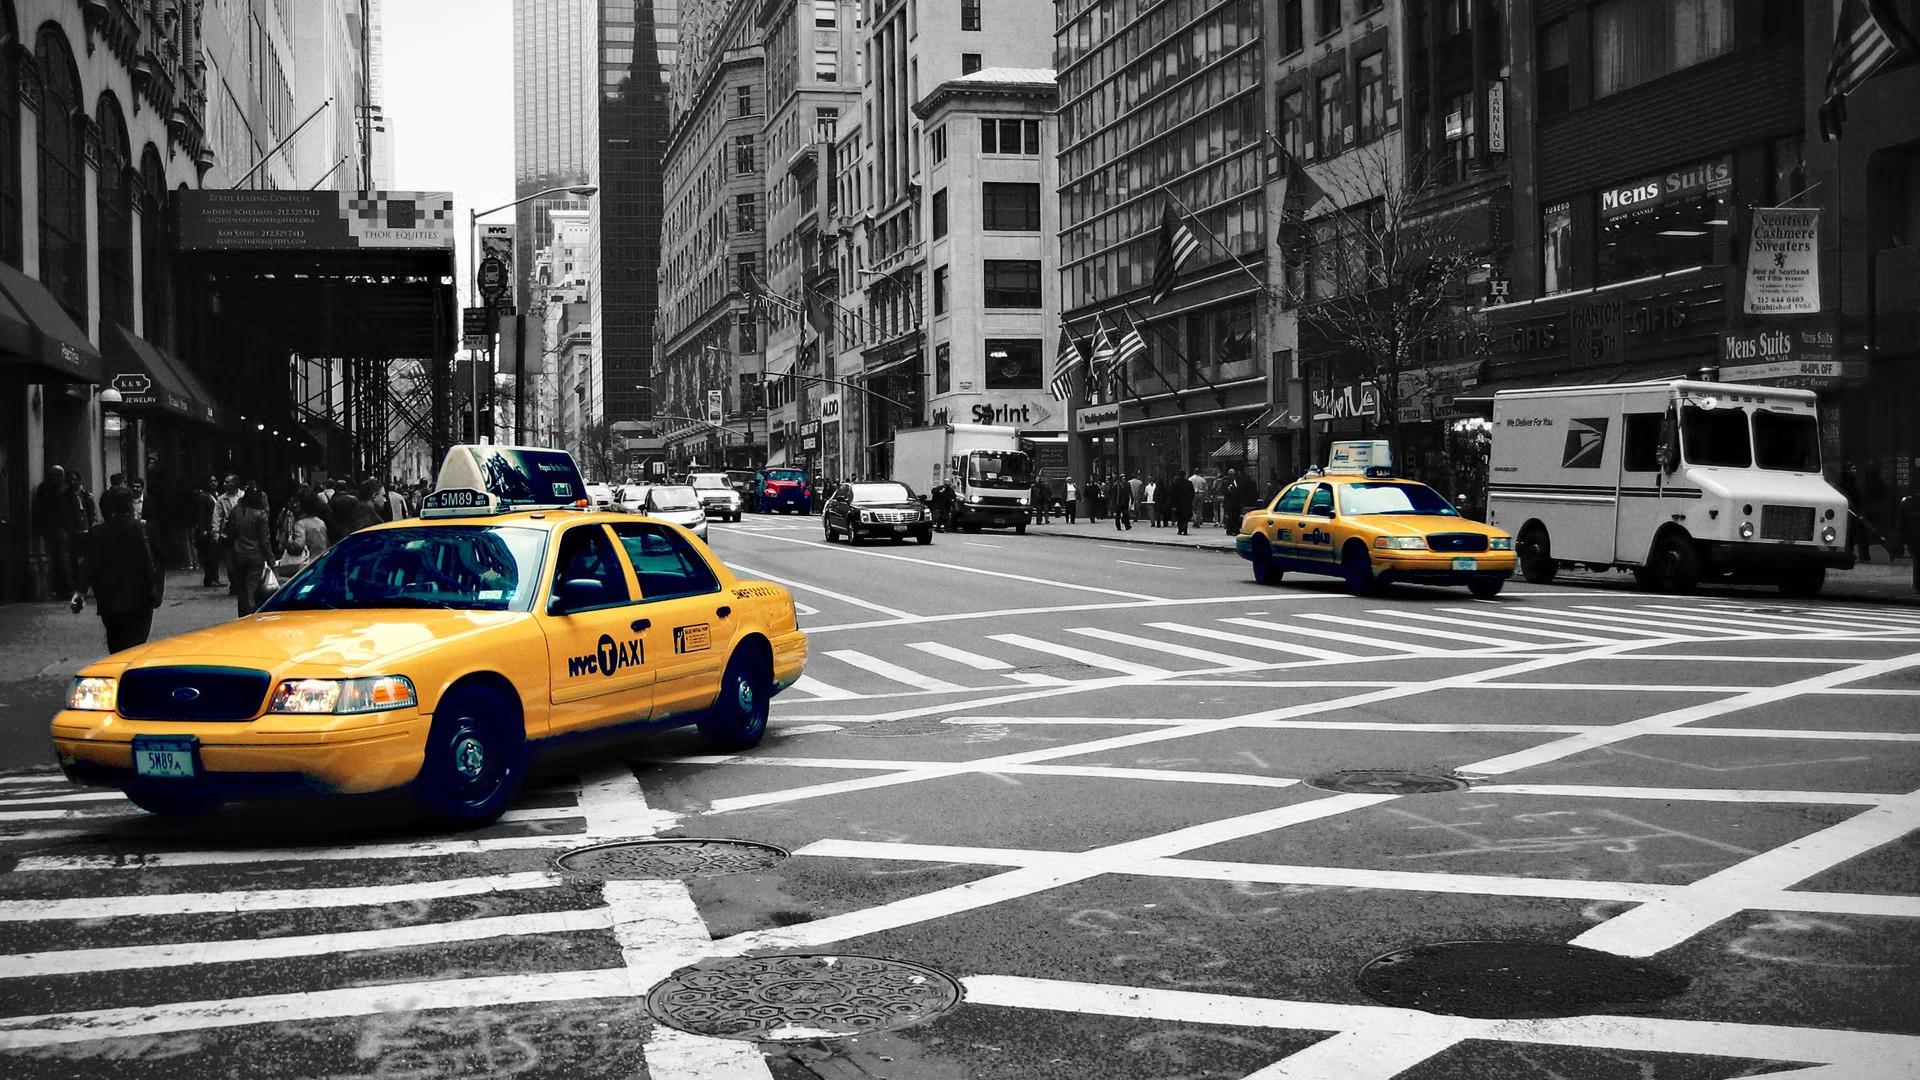 Taxi in America by MeGustaDeviantart